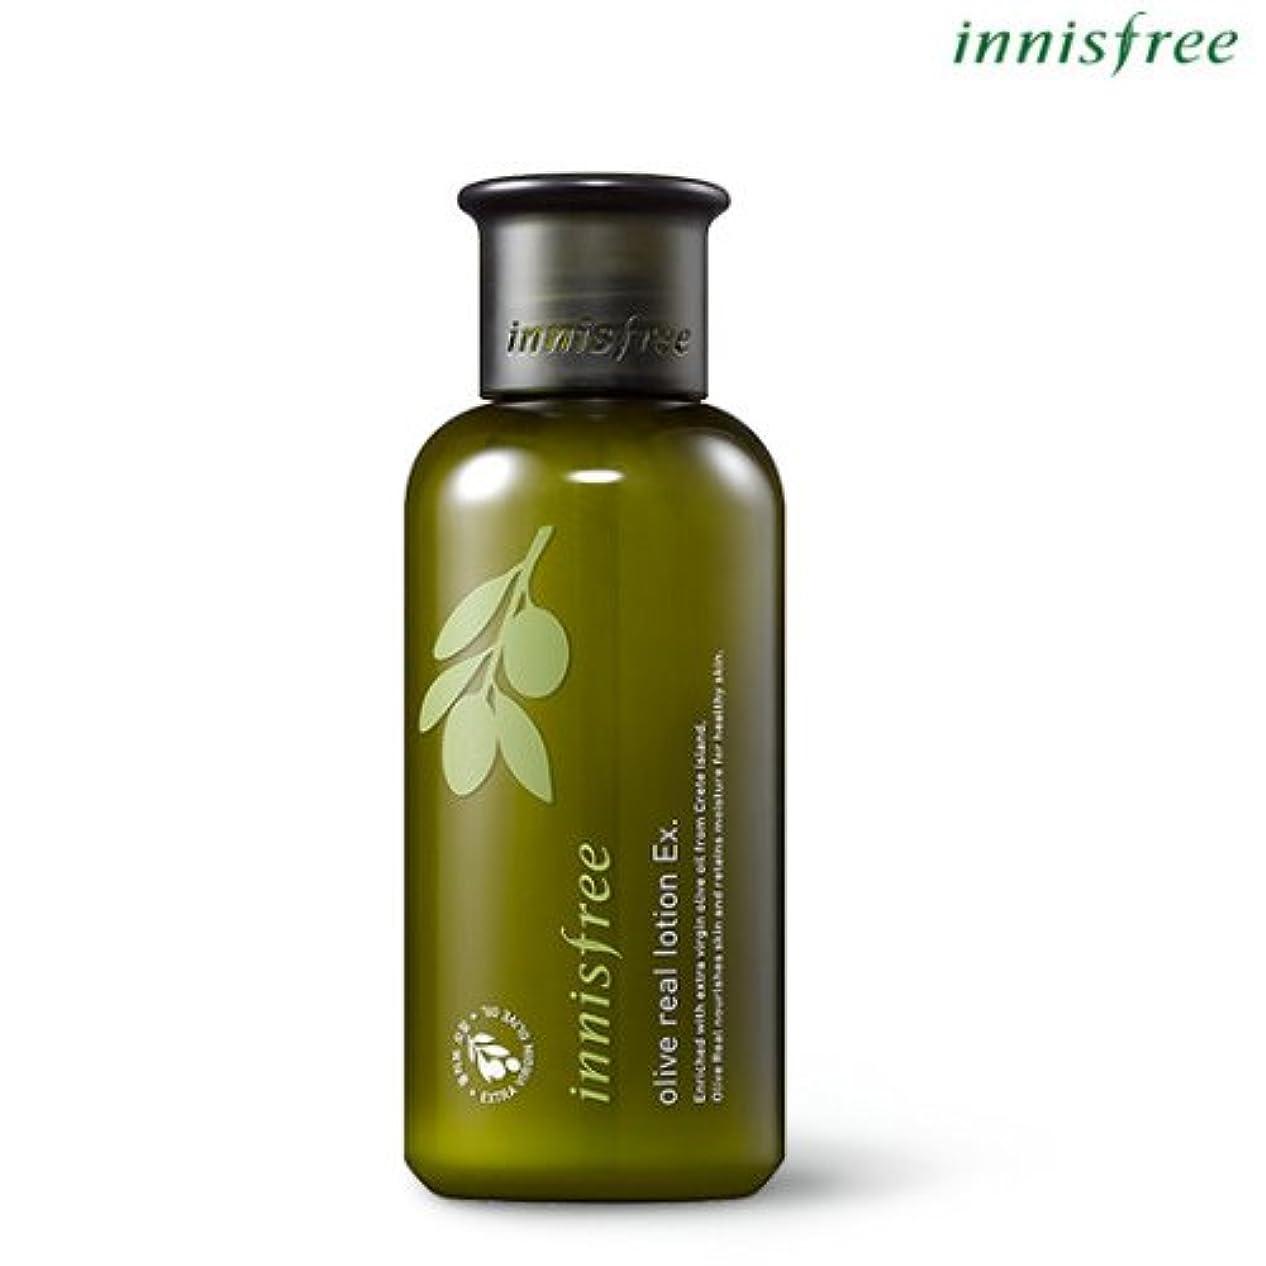 持っているガウン心臓[INNISFREE]イニスフリーオリーブリアルローションEx.160ml olive real lotion Ex.160ml [並行輸入品]